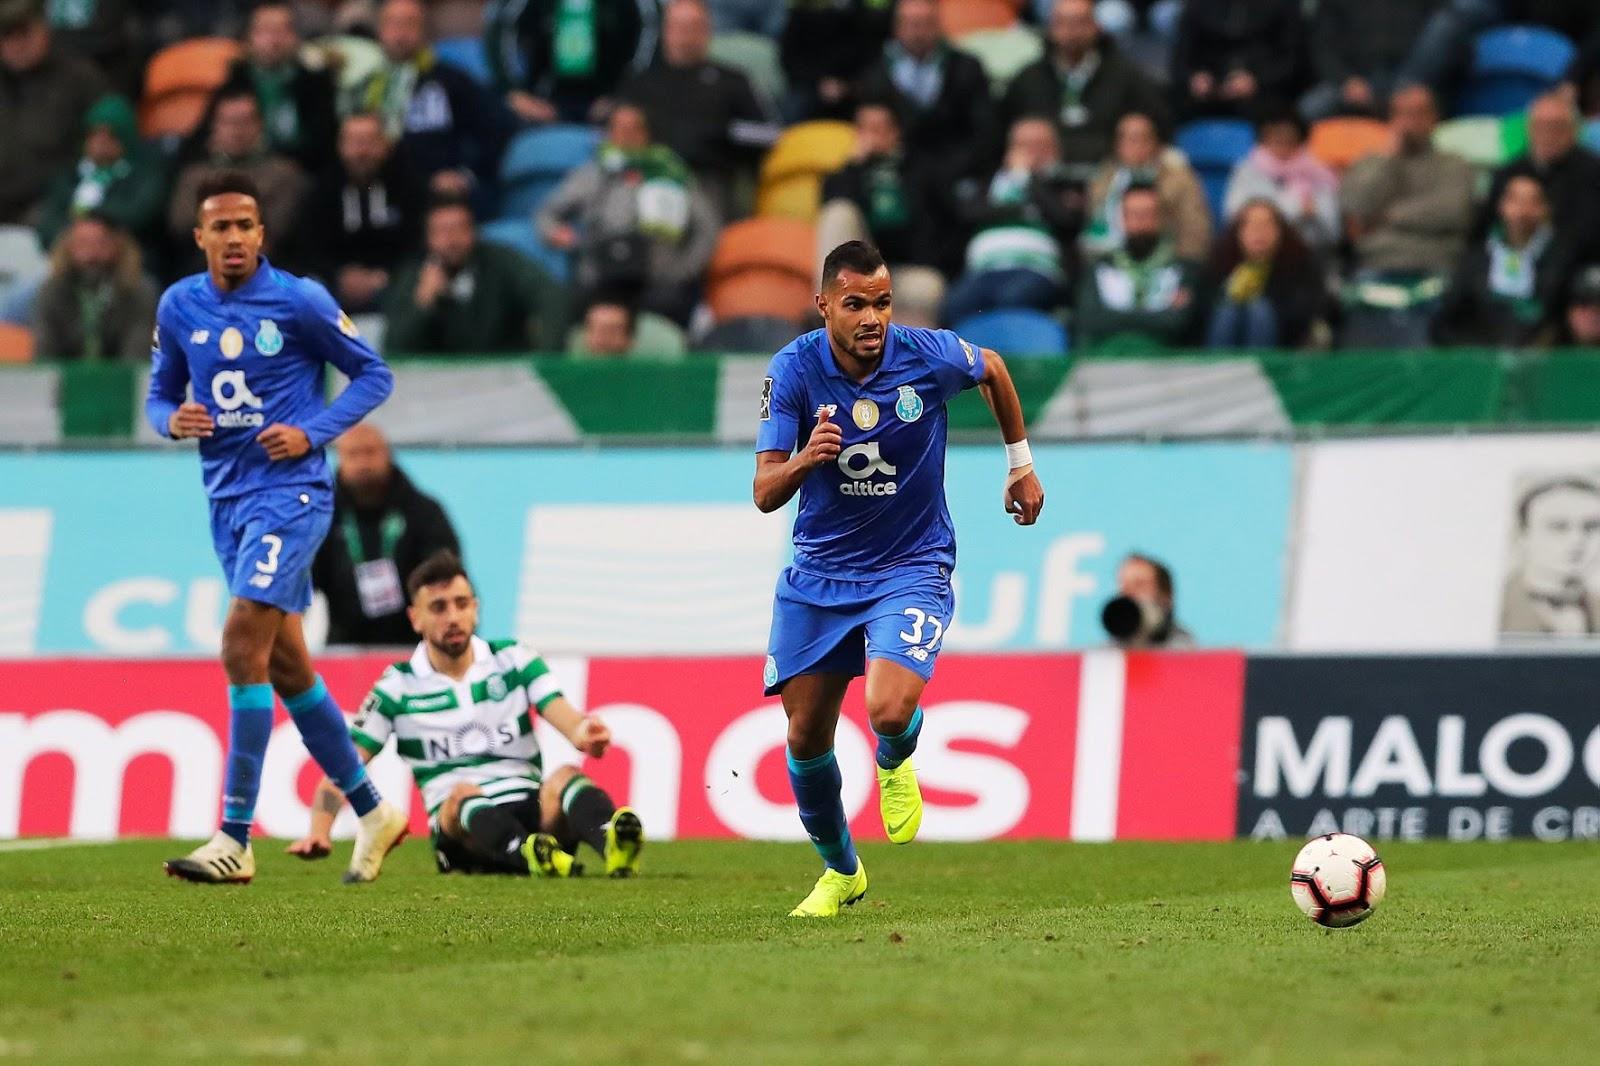 Memória Portista  A propósito do Sporting-FC Porto do final da 1ª ... c5e6c44f17558